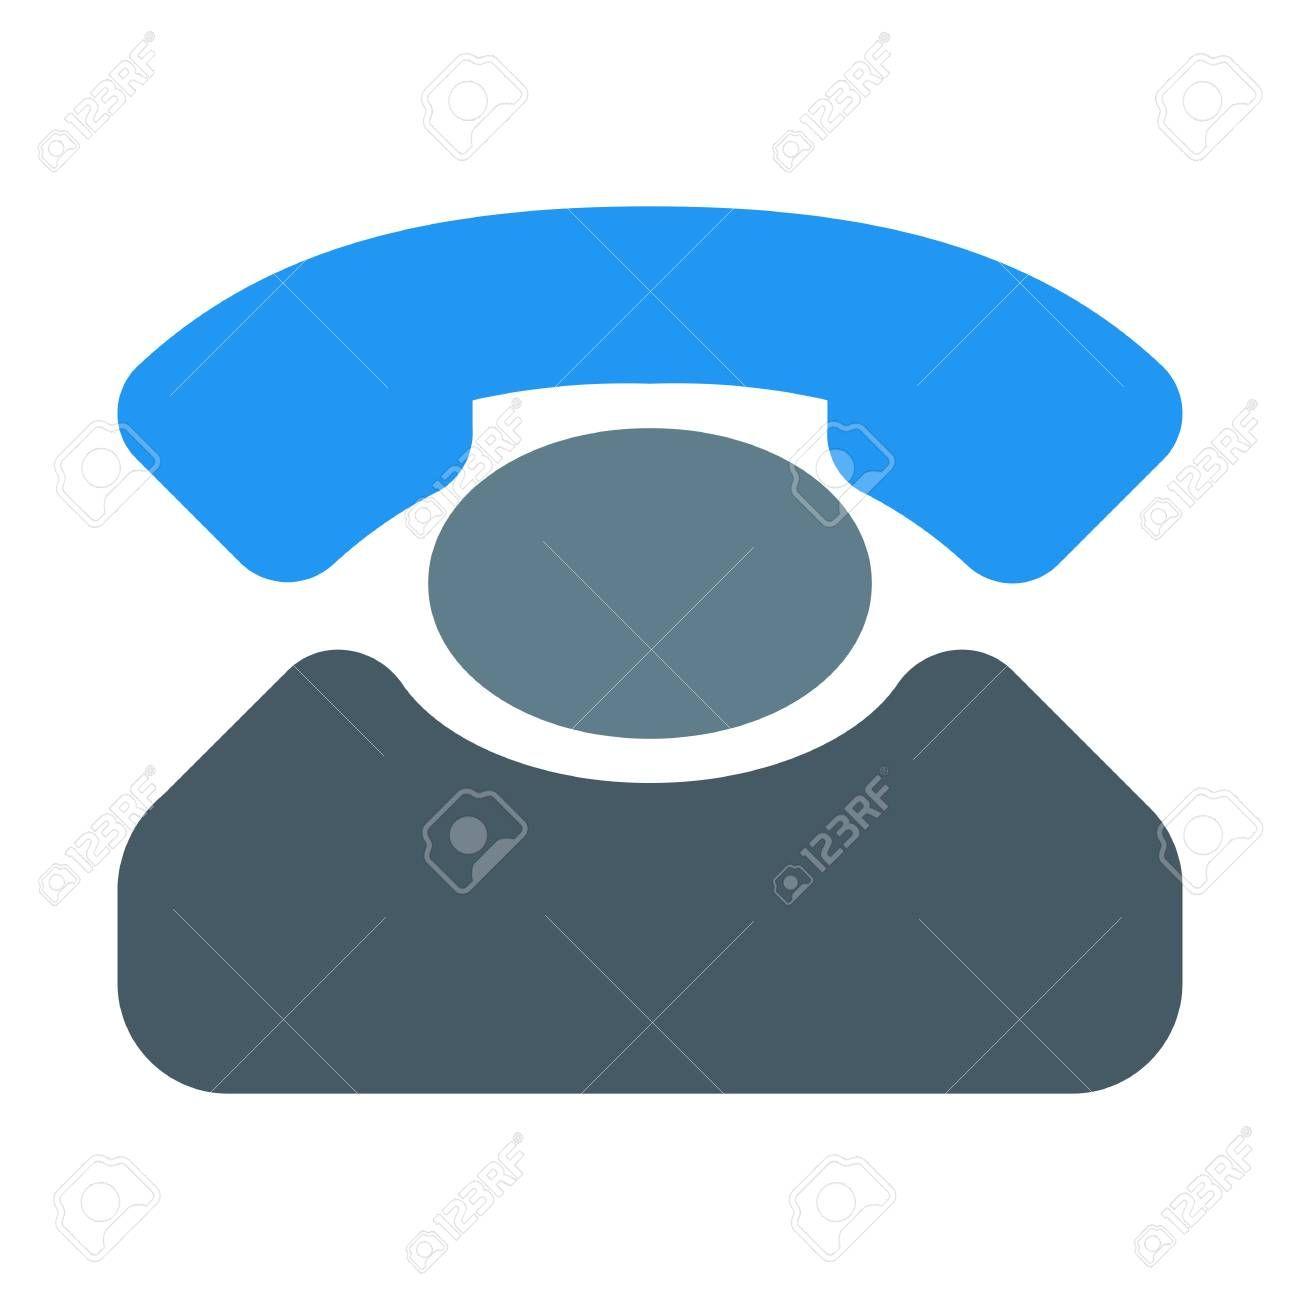 Phone ad phone graphic design art graphic design